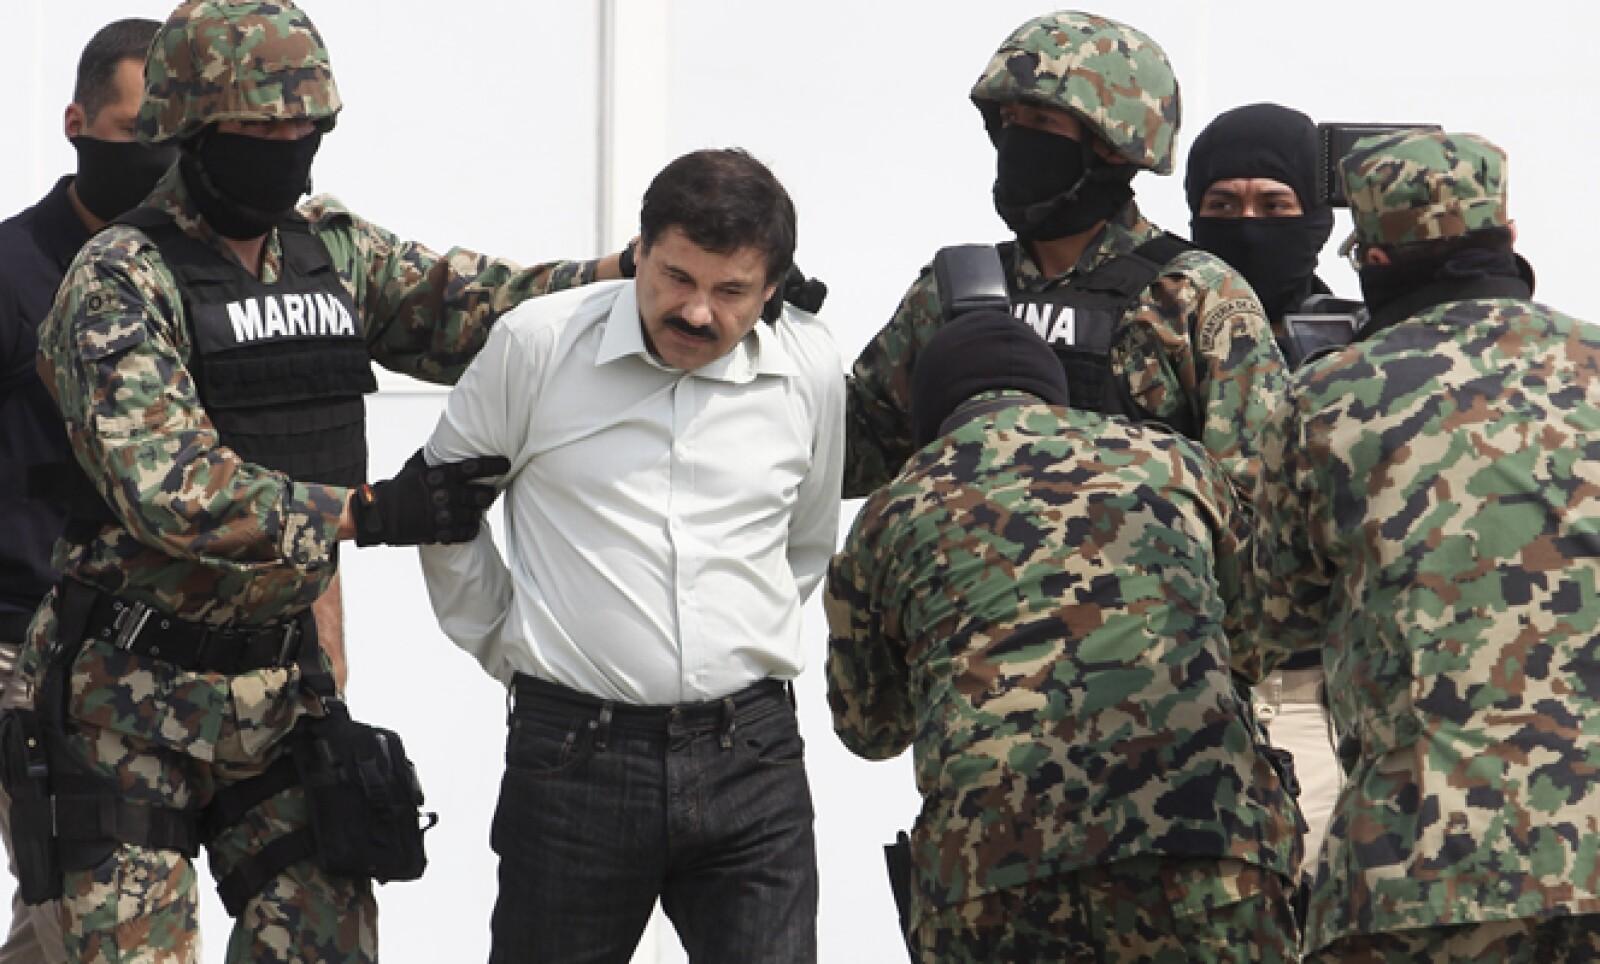 Las autoridades presentaron a Guzmán Loera en el hangar de la Secretaría de Marina.